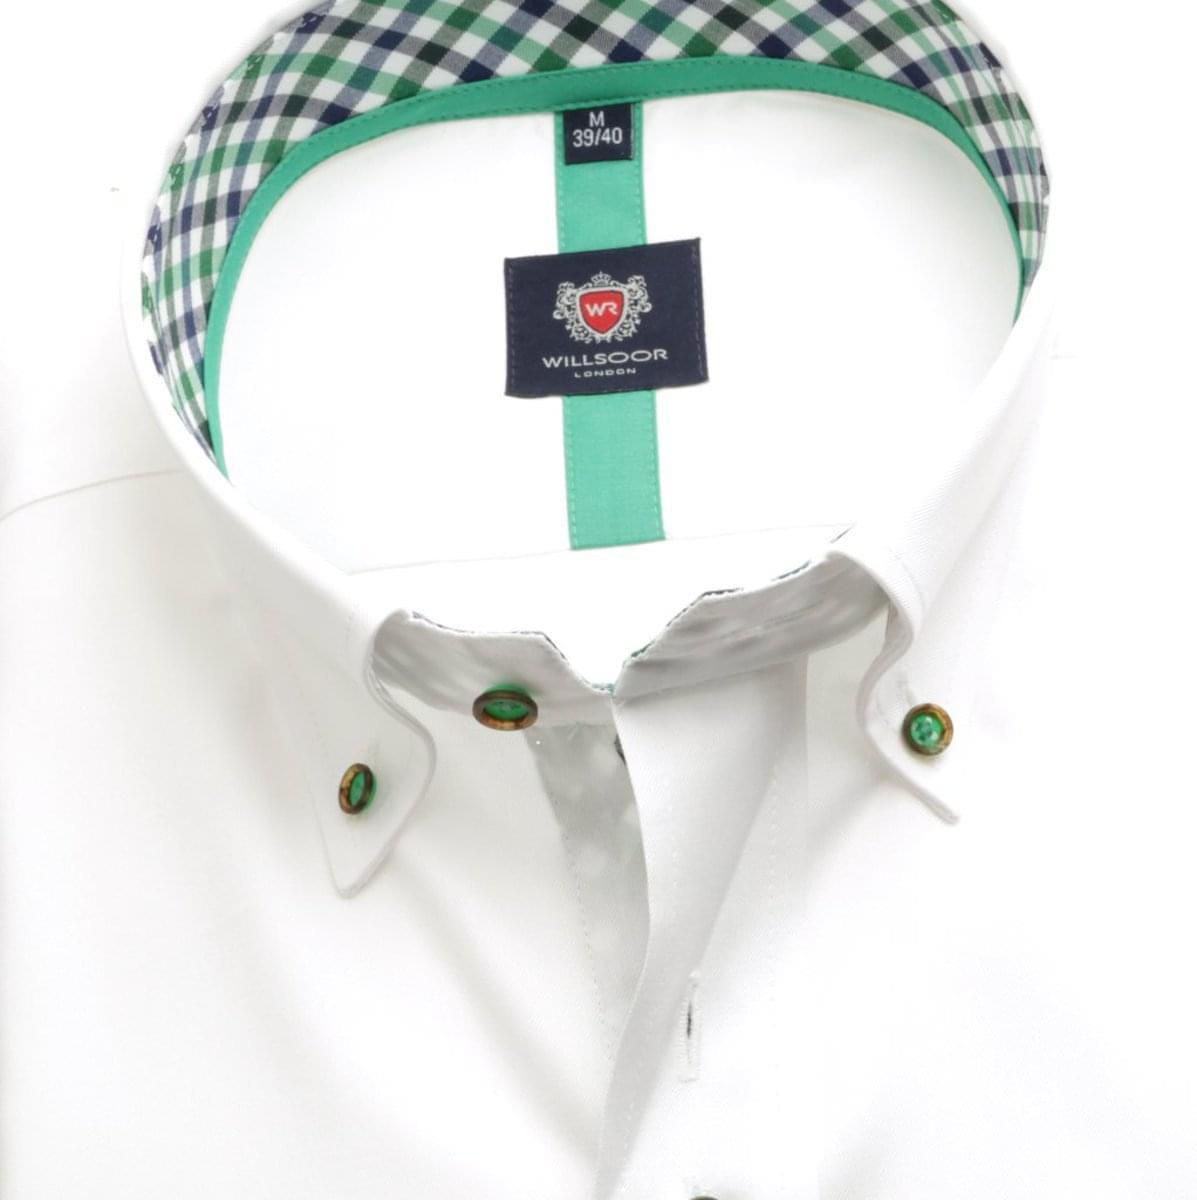 Pánská košile London v bílé barvě (výška 176-182) 5499 176-182 / L (41/42)